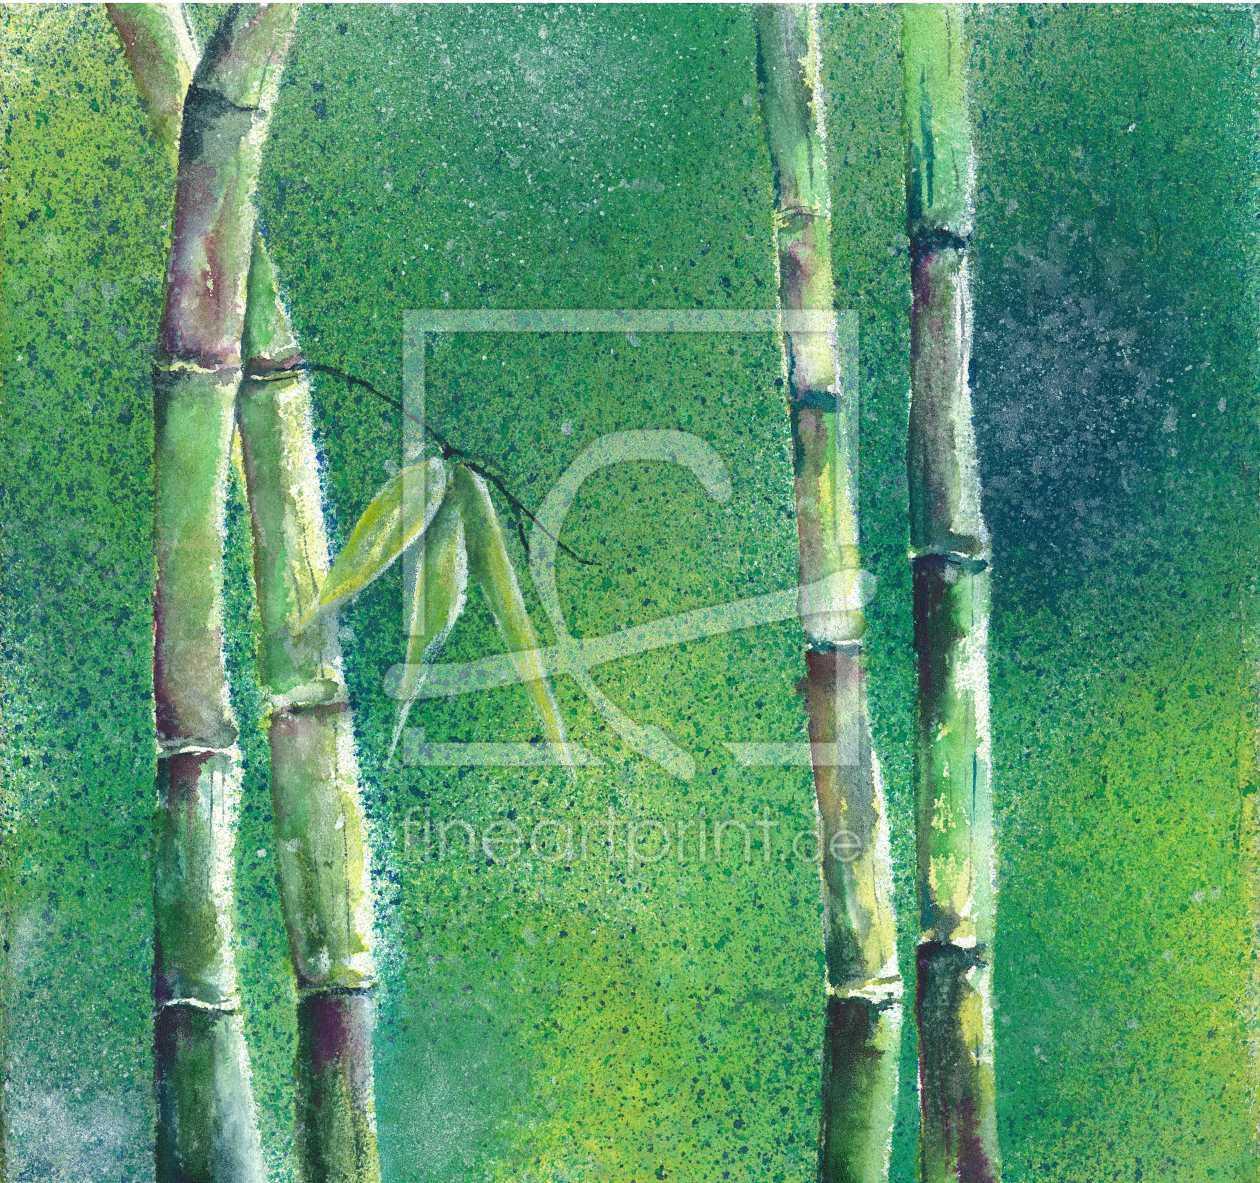 bambus im wind als leinwand von jitkakrause erh ltlic. Black Bedroom Furniture Sets. Home Design Ideas